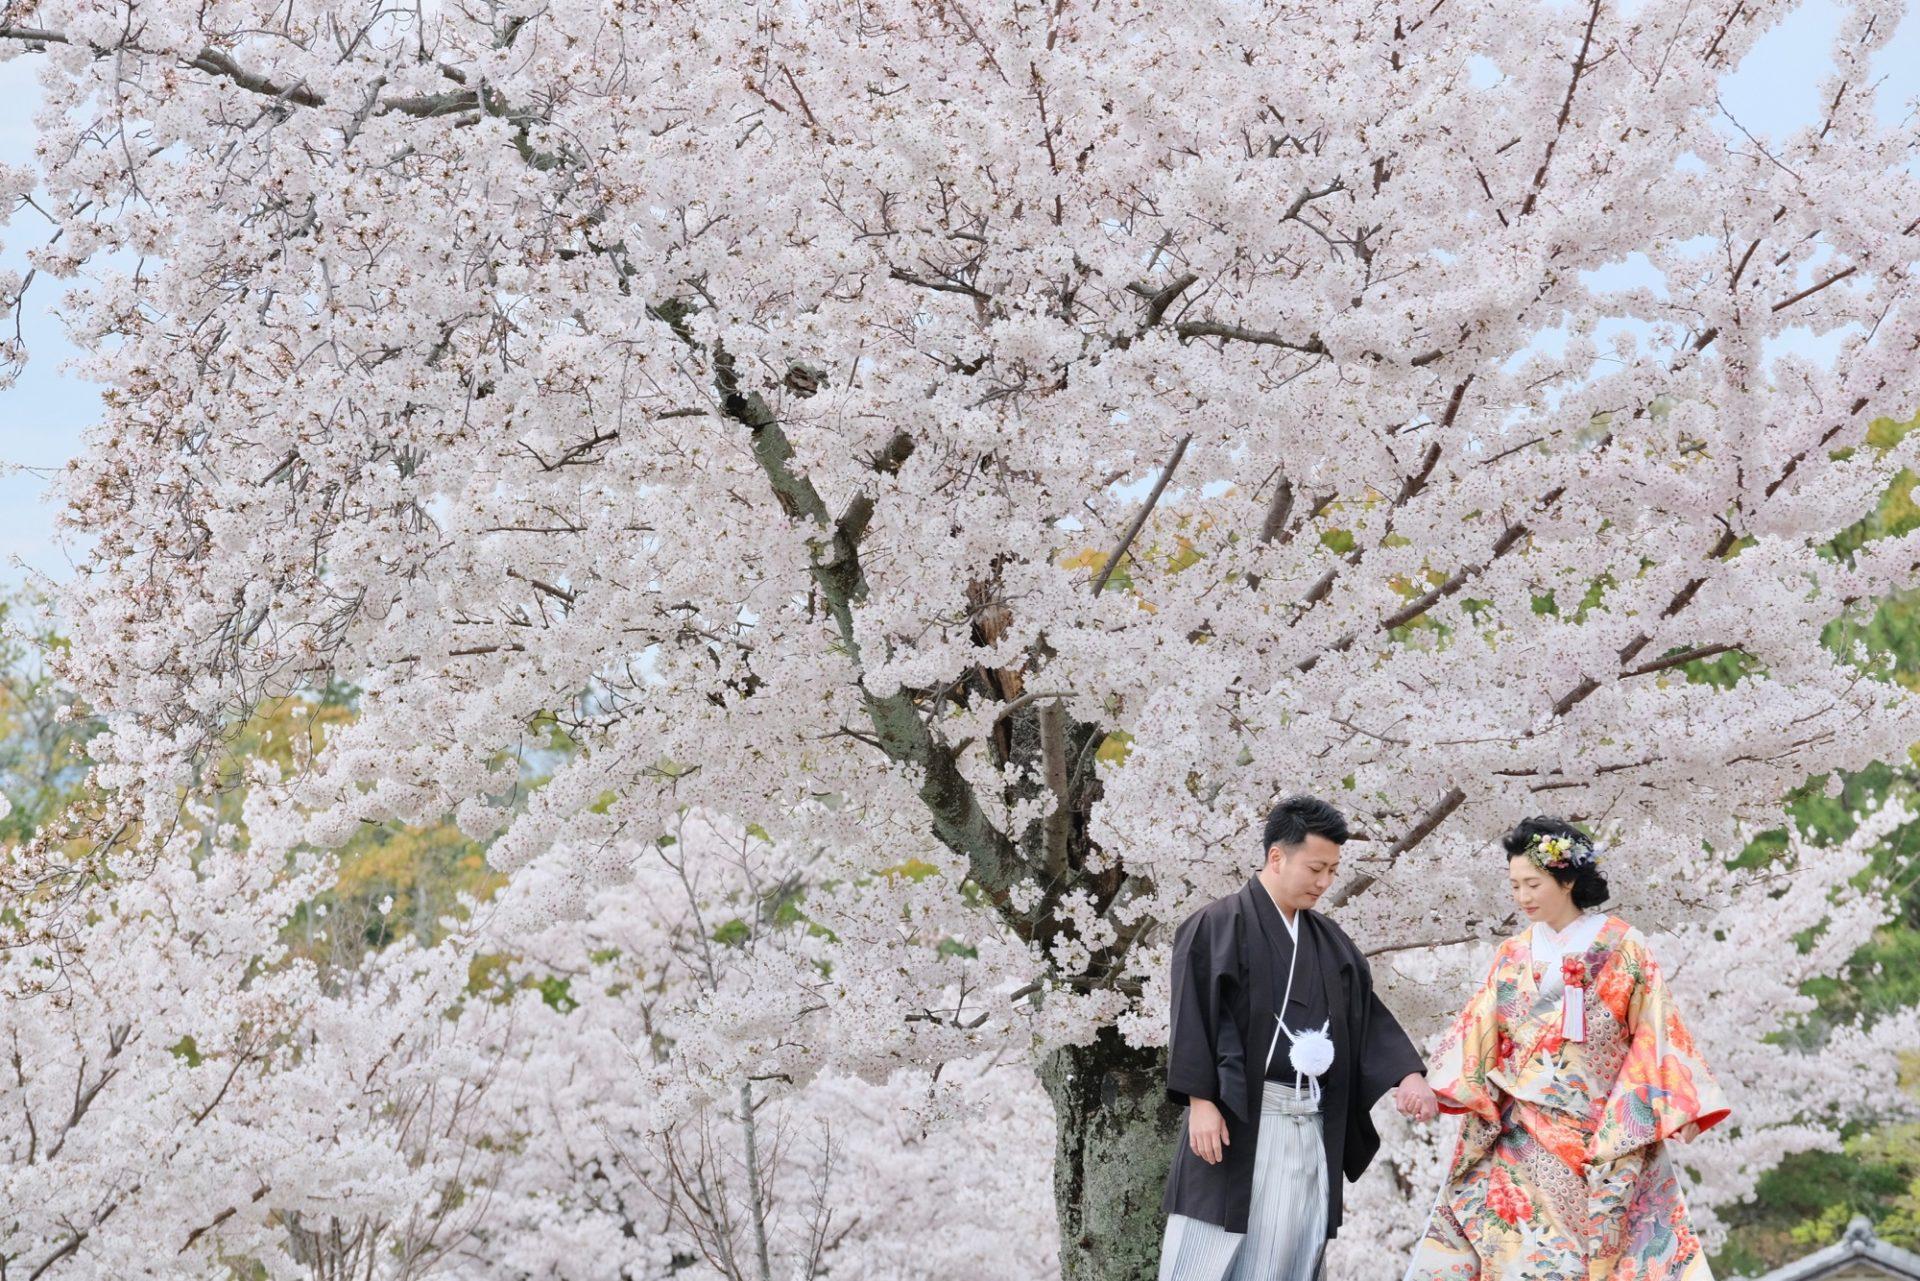 結婚式の和装の前撮りフォトウエディングの写真